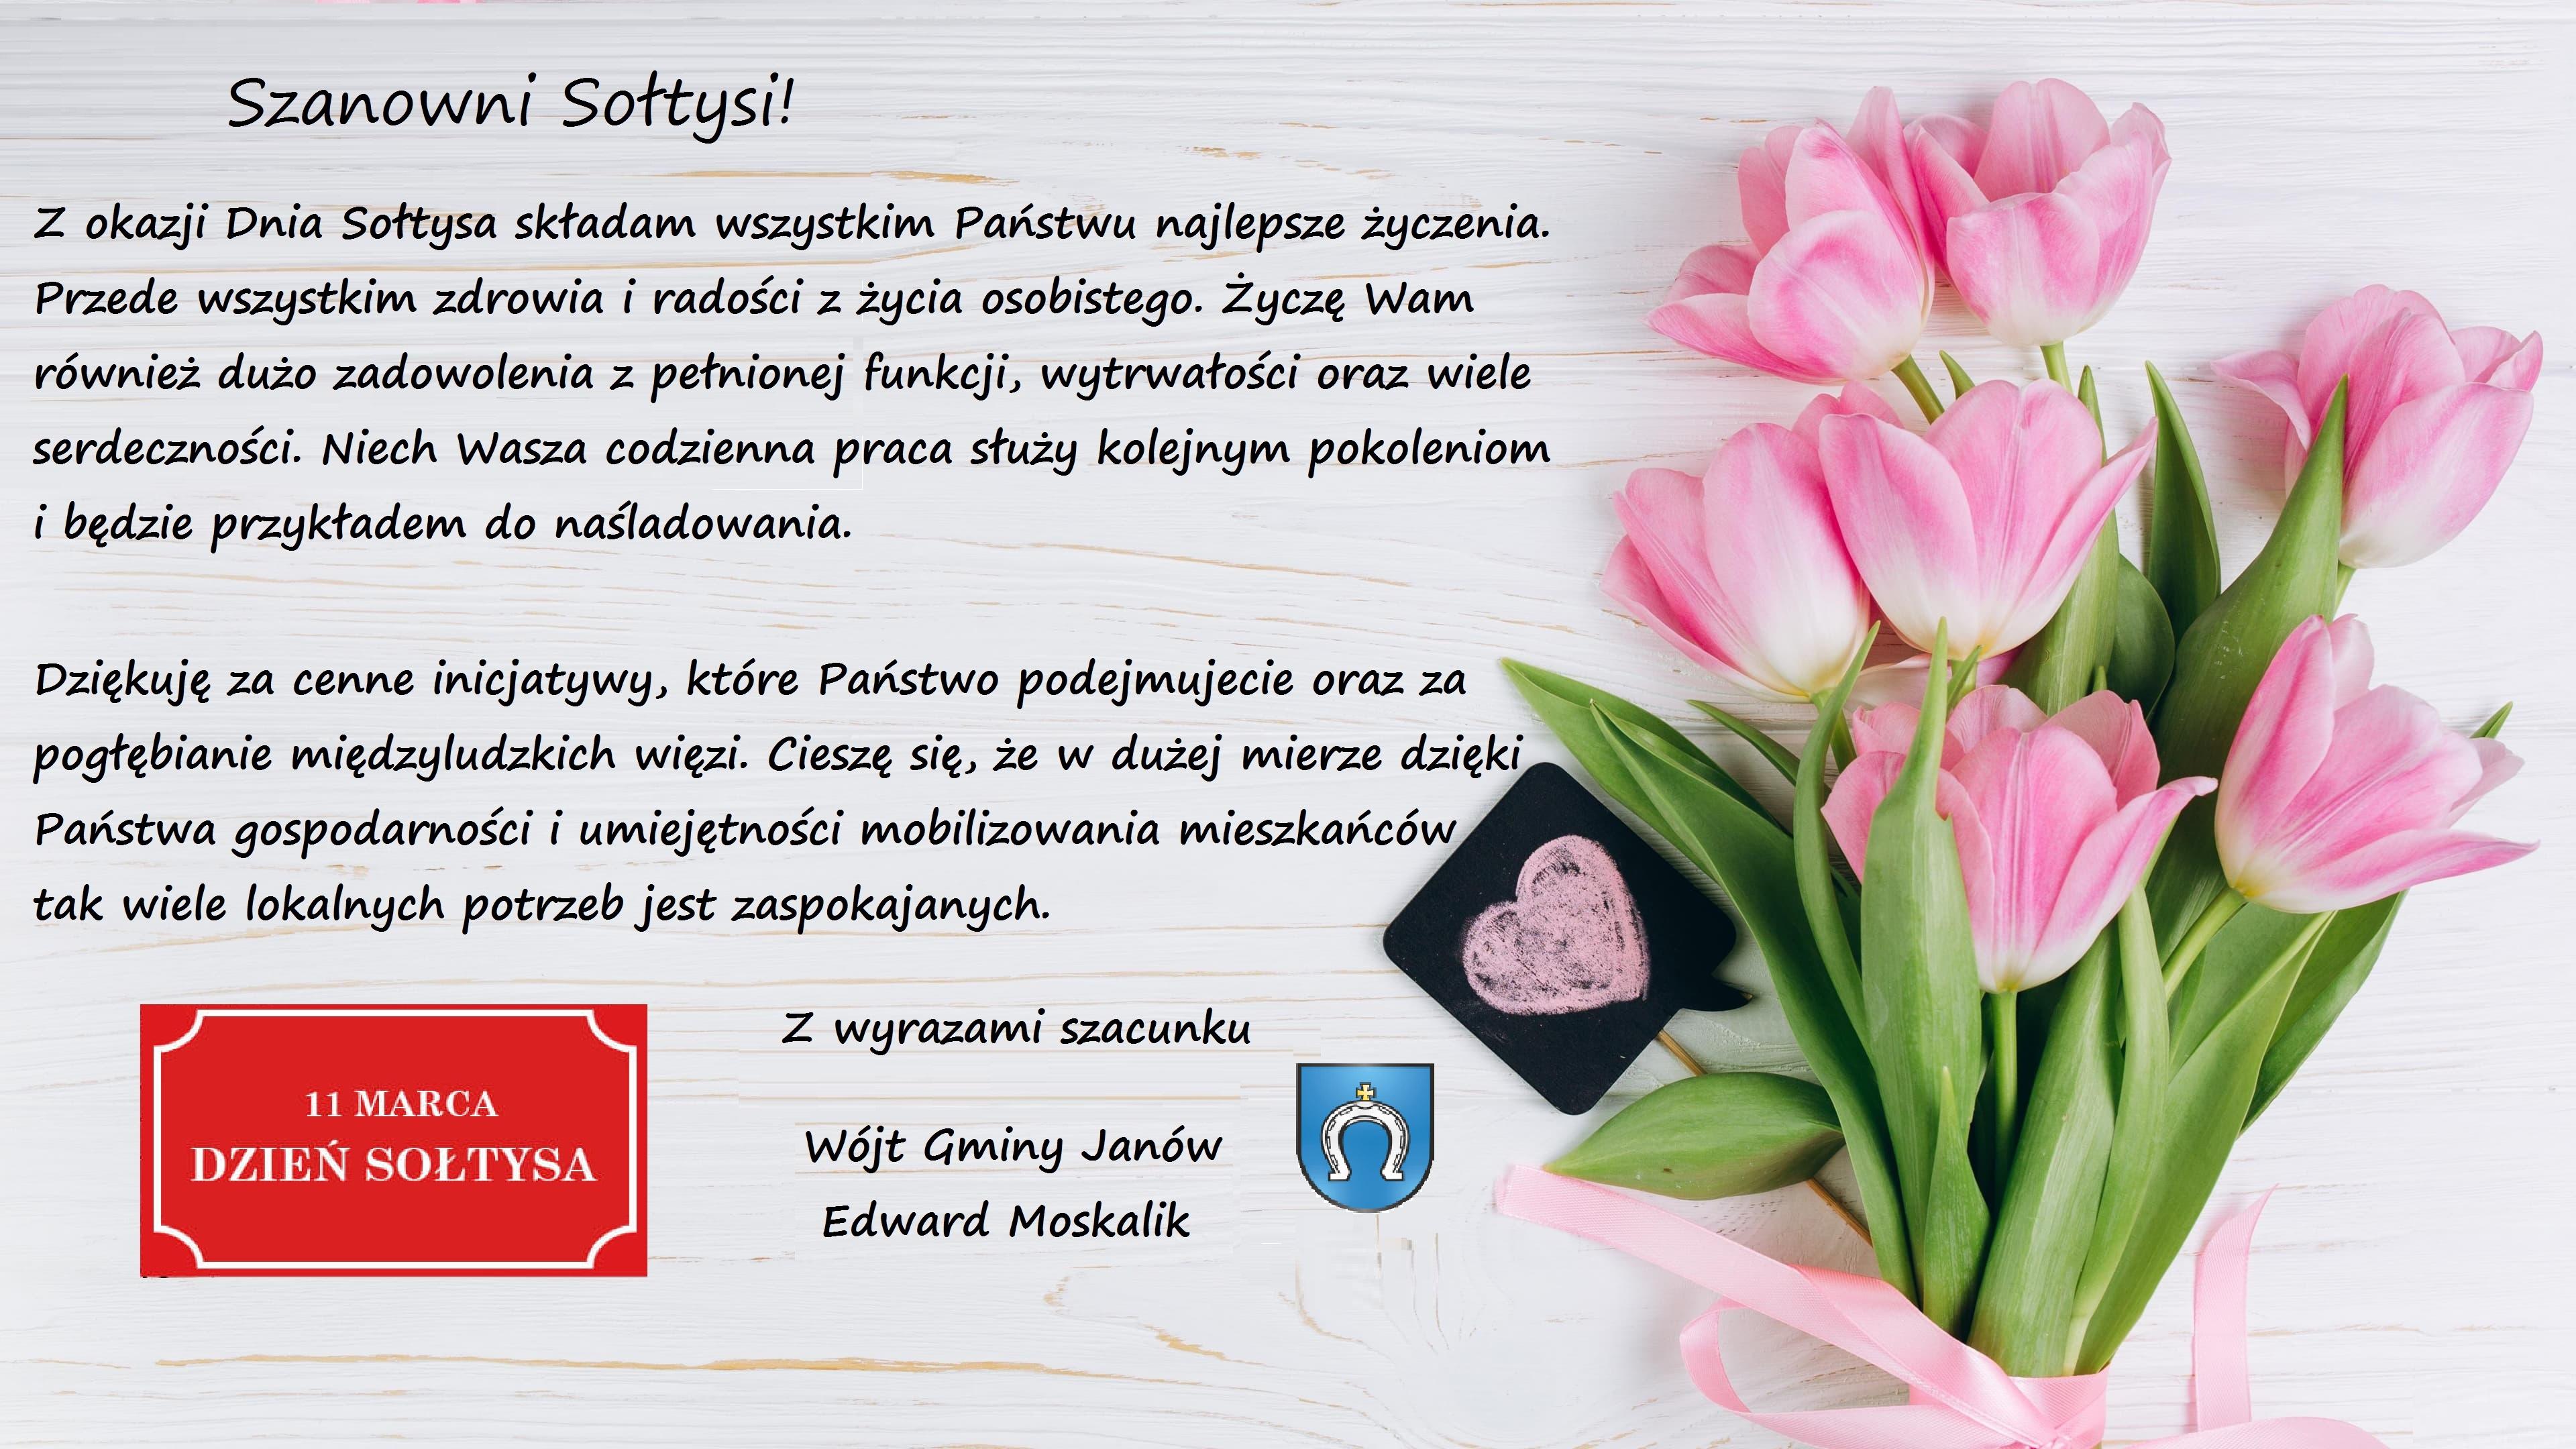 Życzenia dla sołtysów.jpg